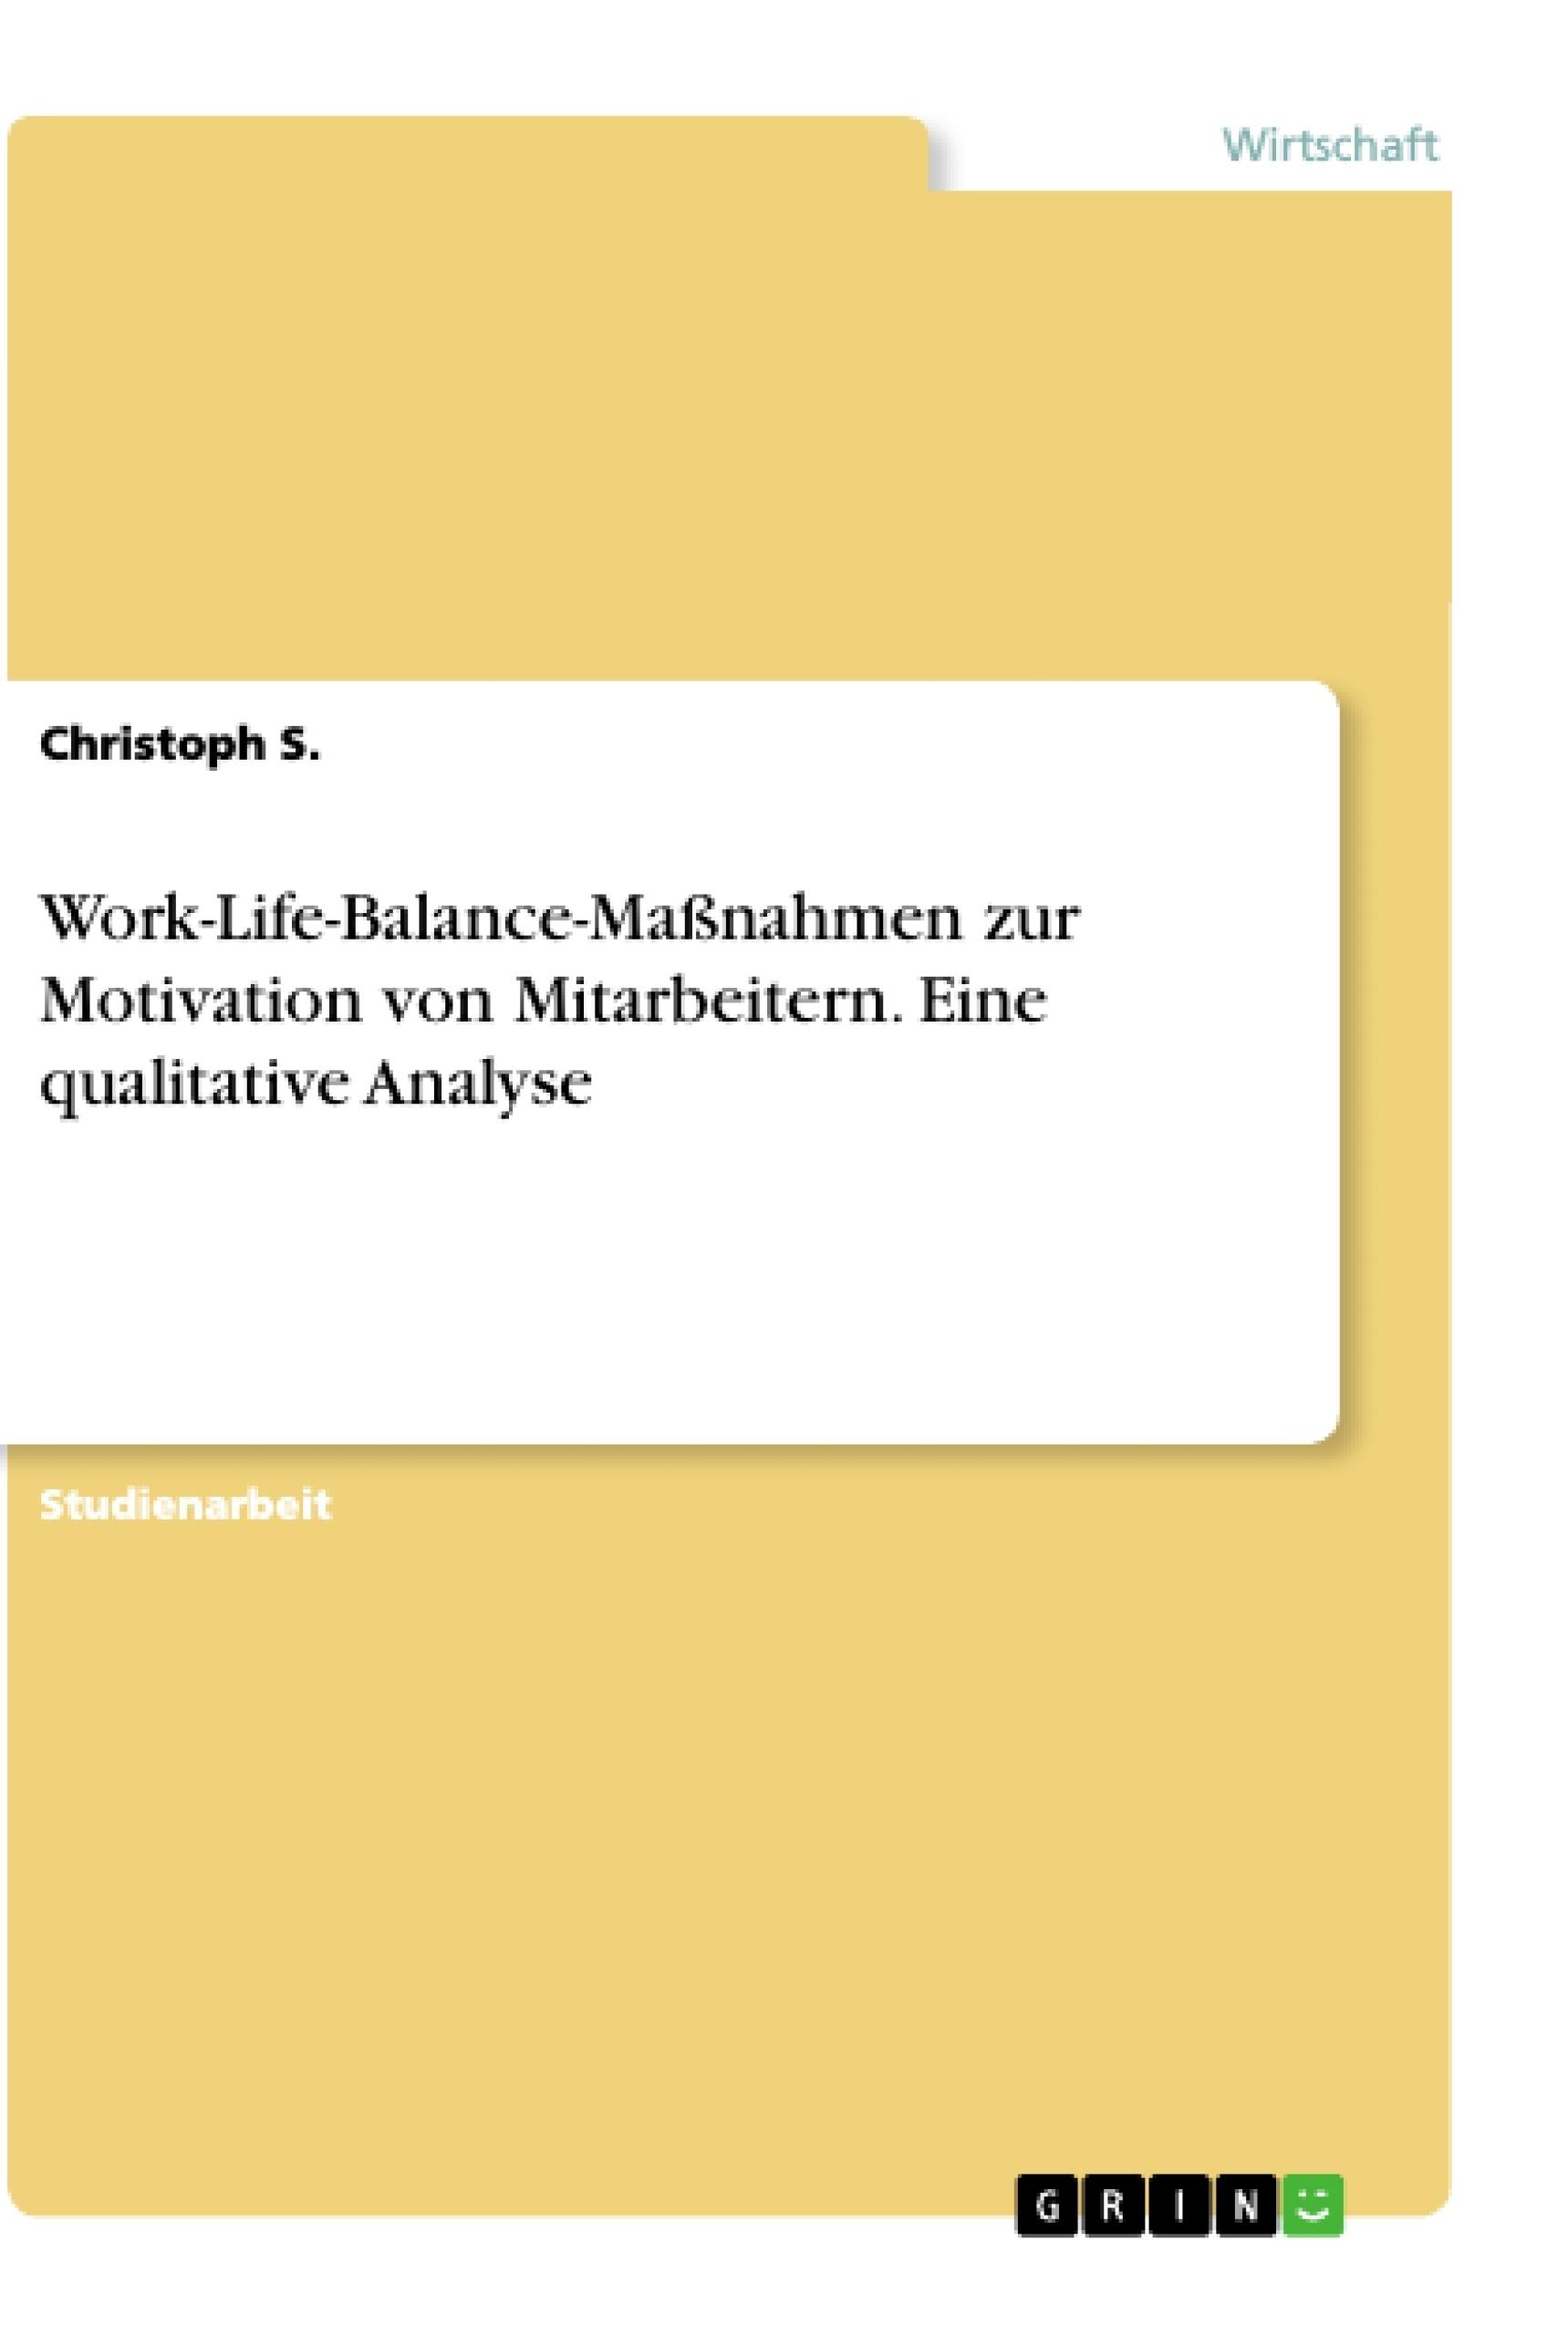 Titel: Work-Life-Balance-Maßnahmen zur Motivation von Mitarbeitern. Eine qualitative Analyse